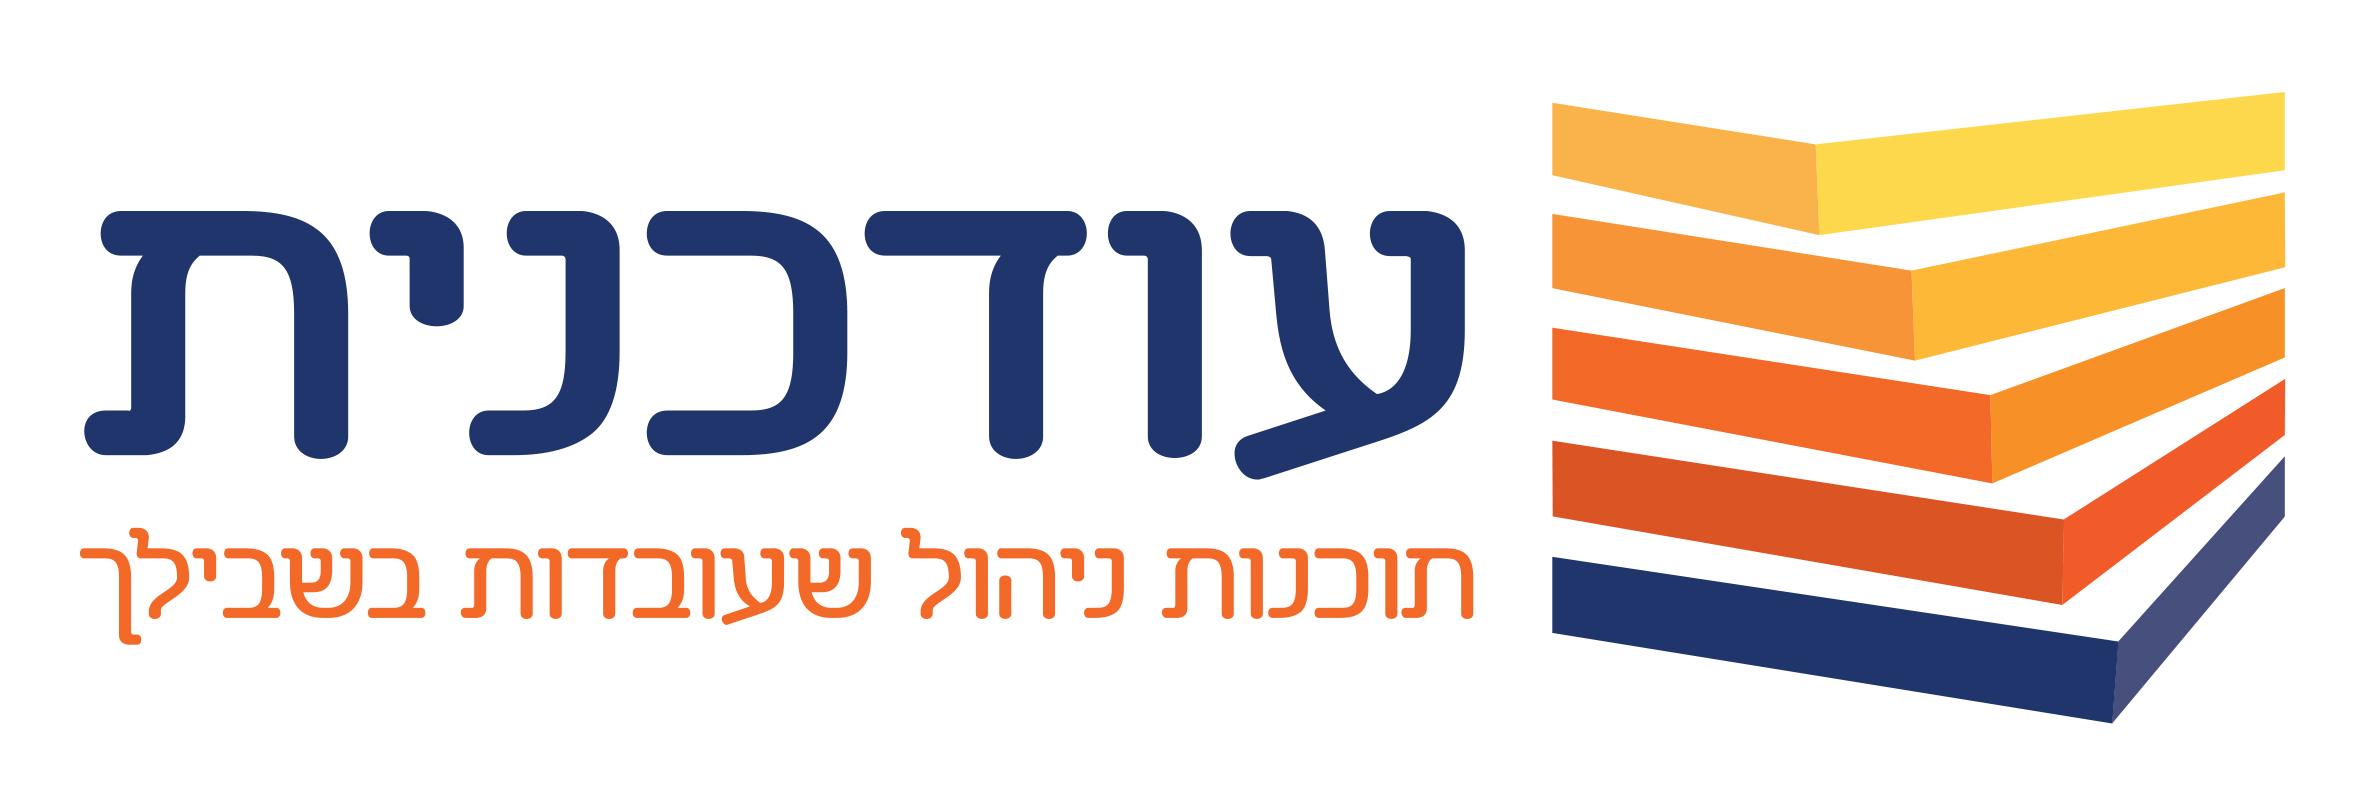 odkanit_logo_3